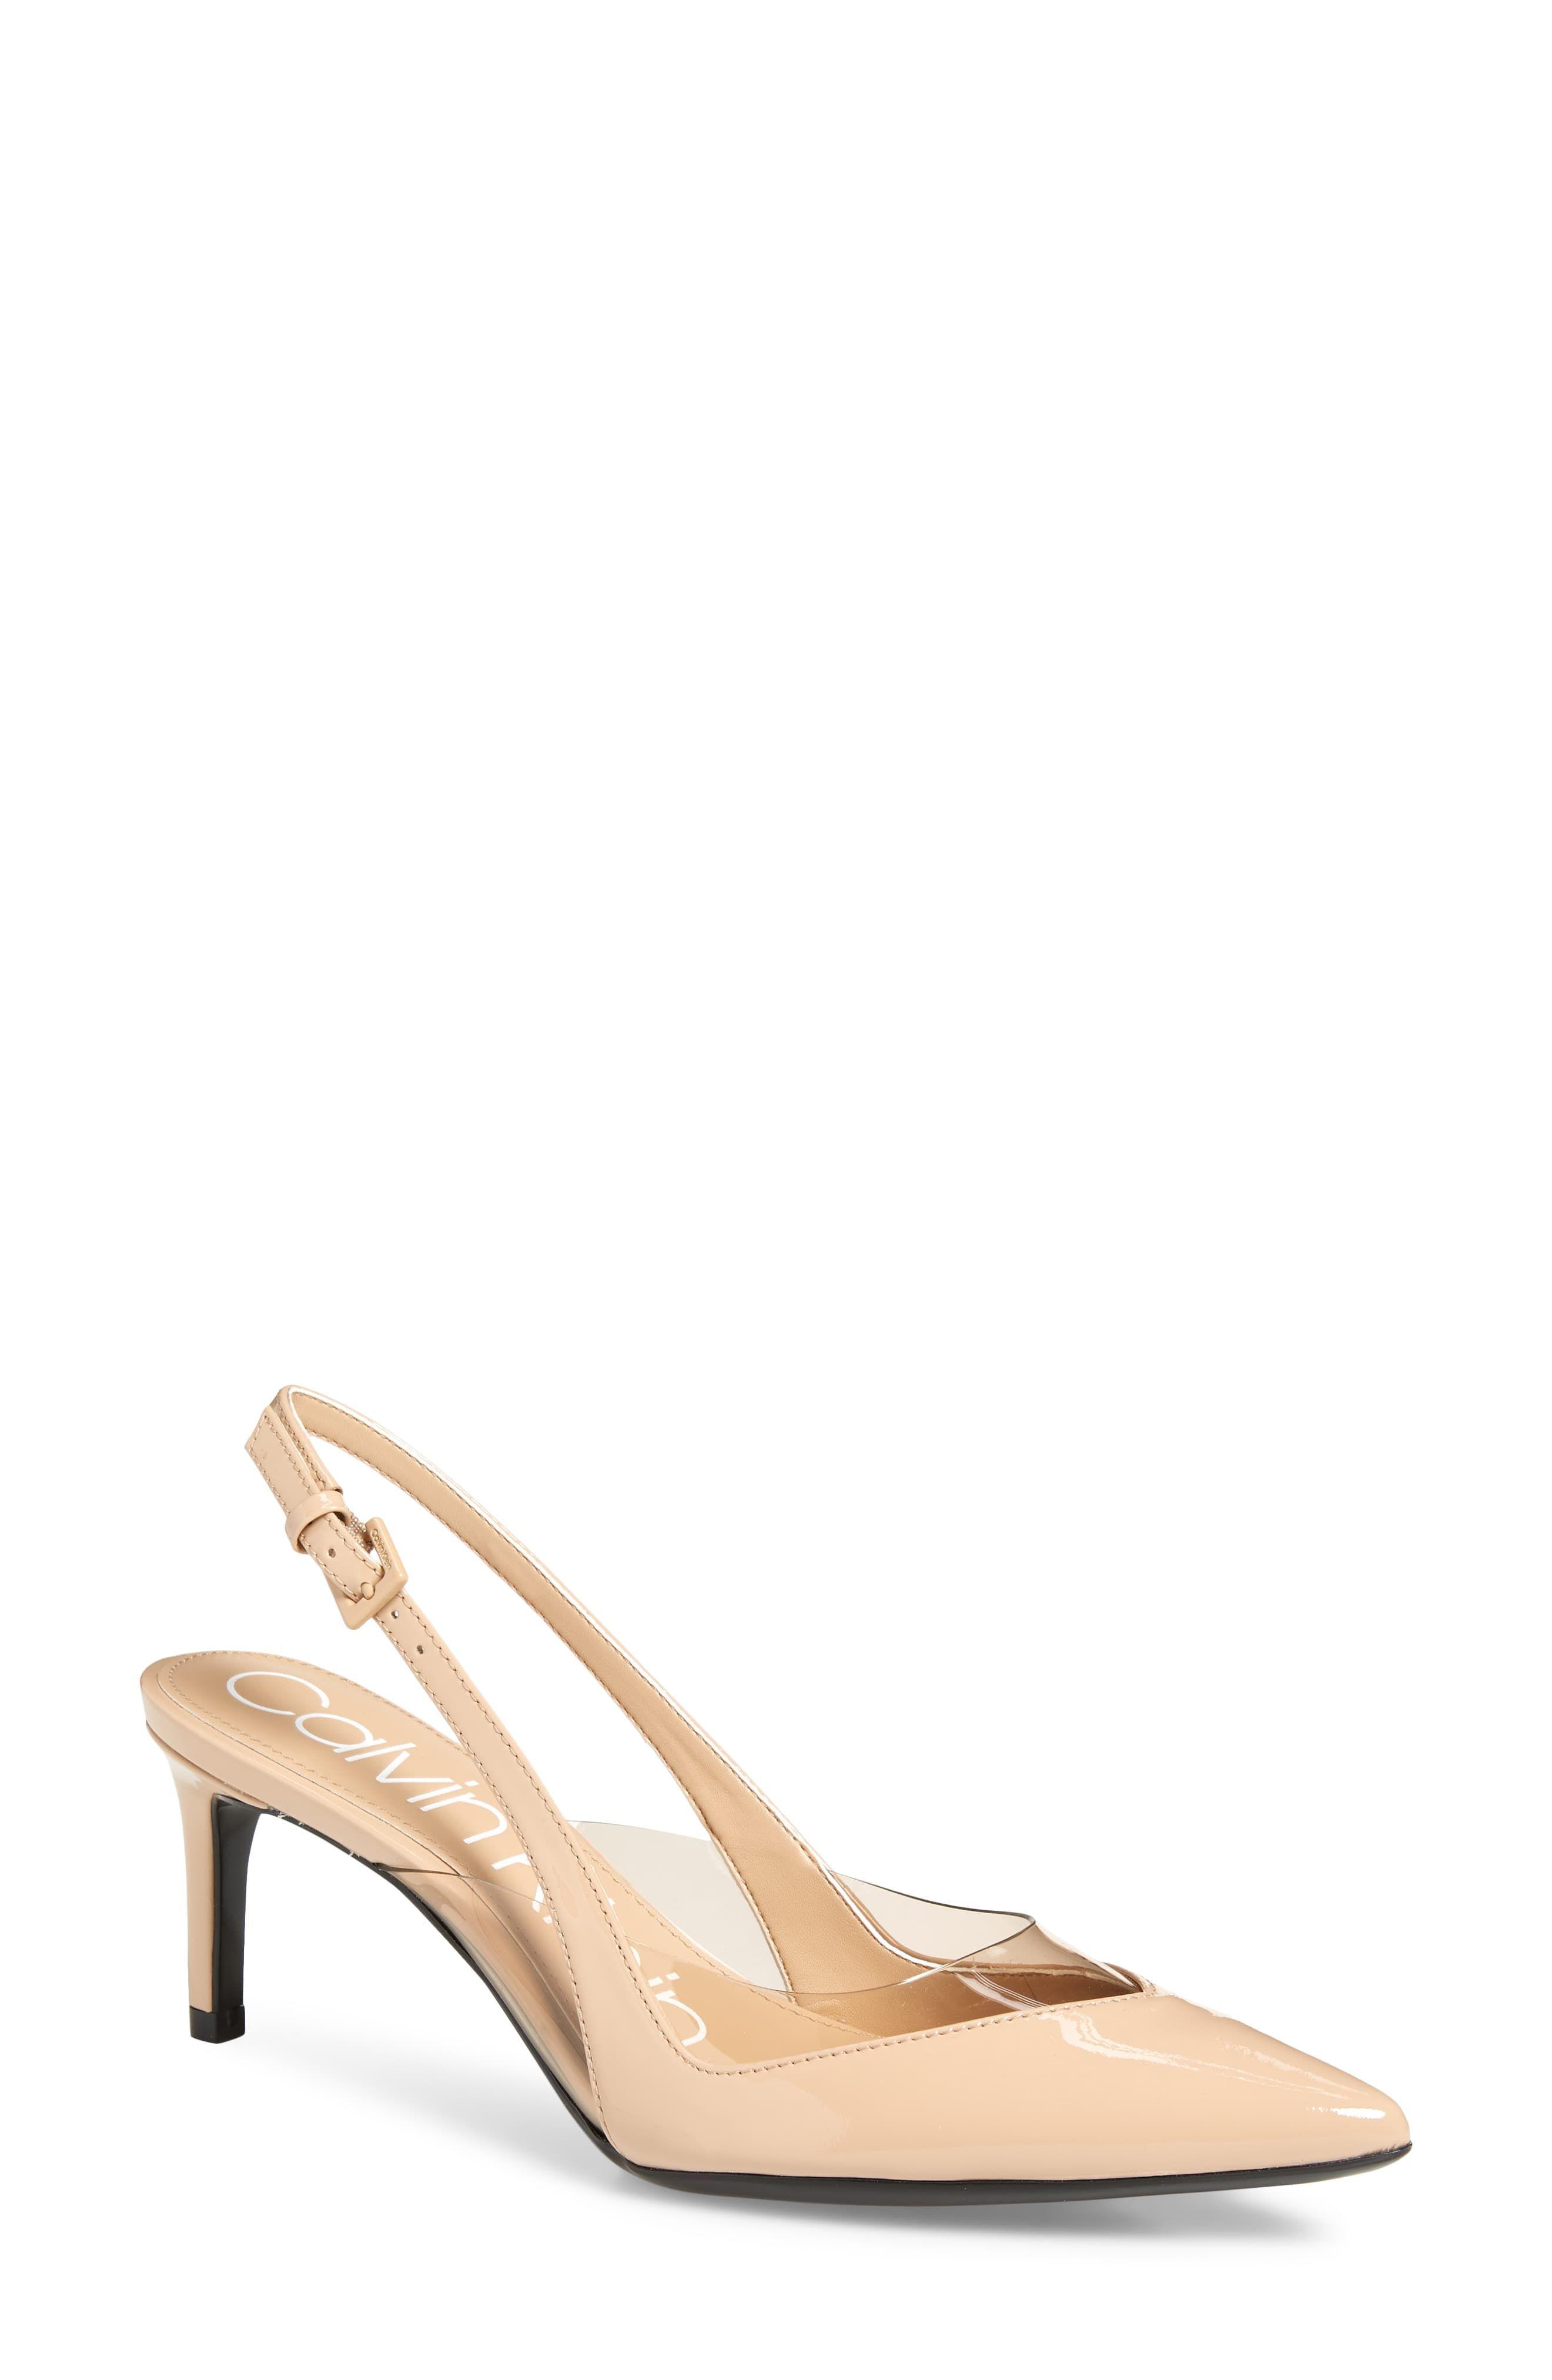 6b54f6b598c Women's Calvin Klein Rache Pump, Size 9.5 M - Beige | Products in ...